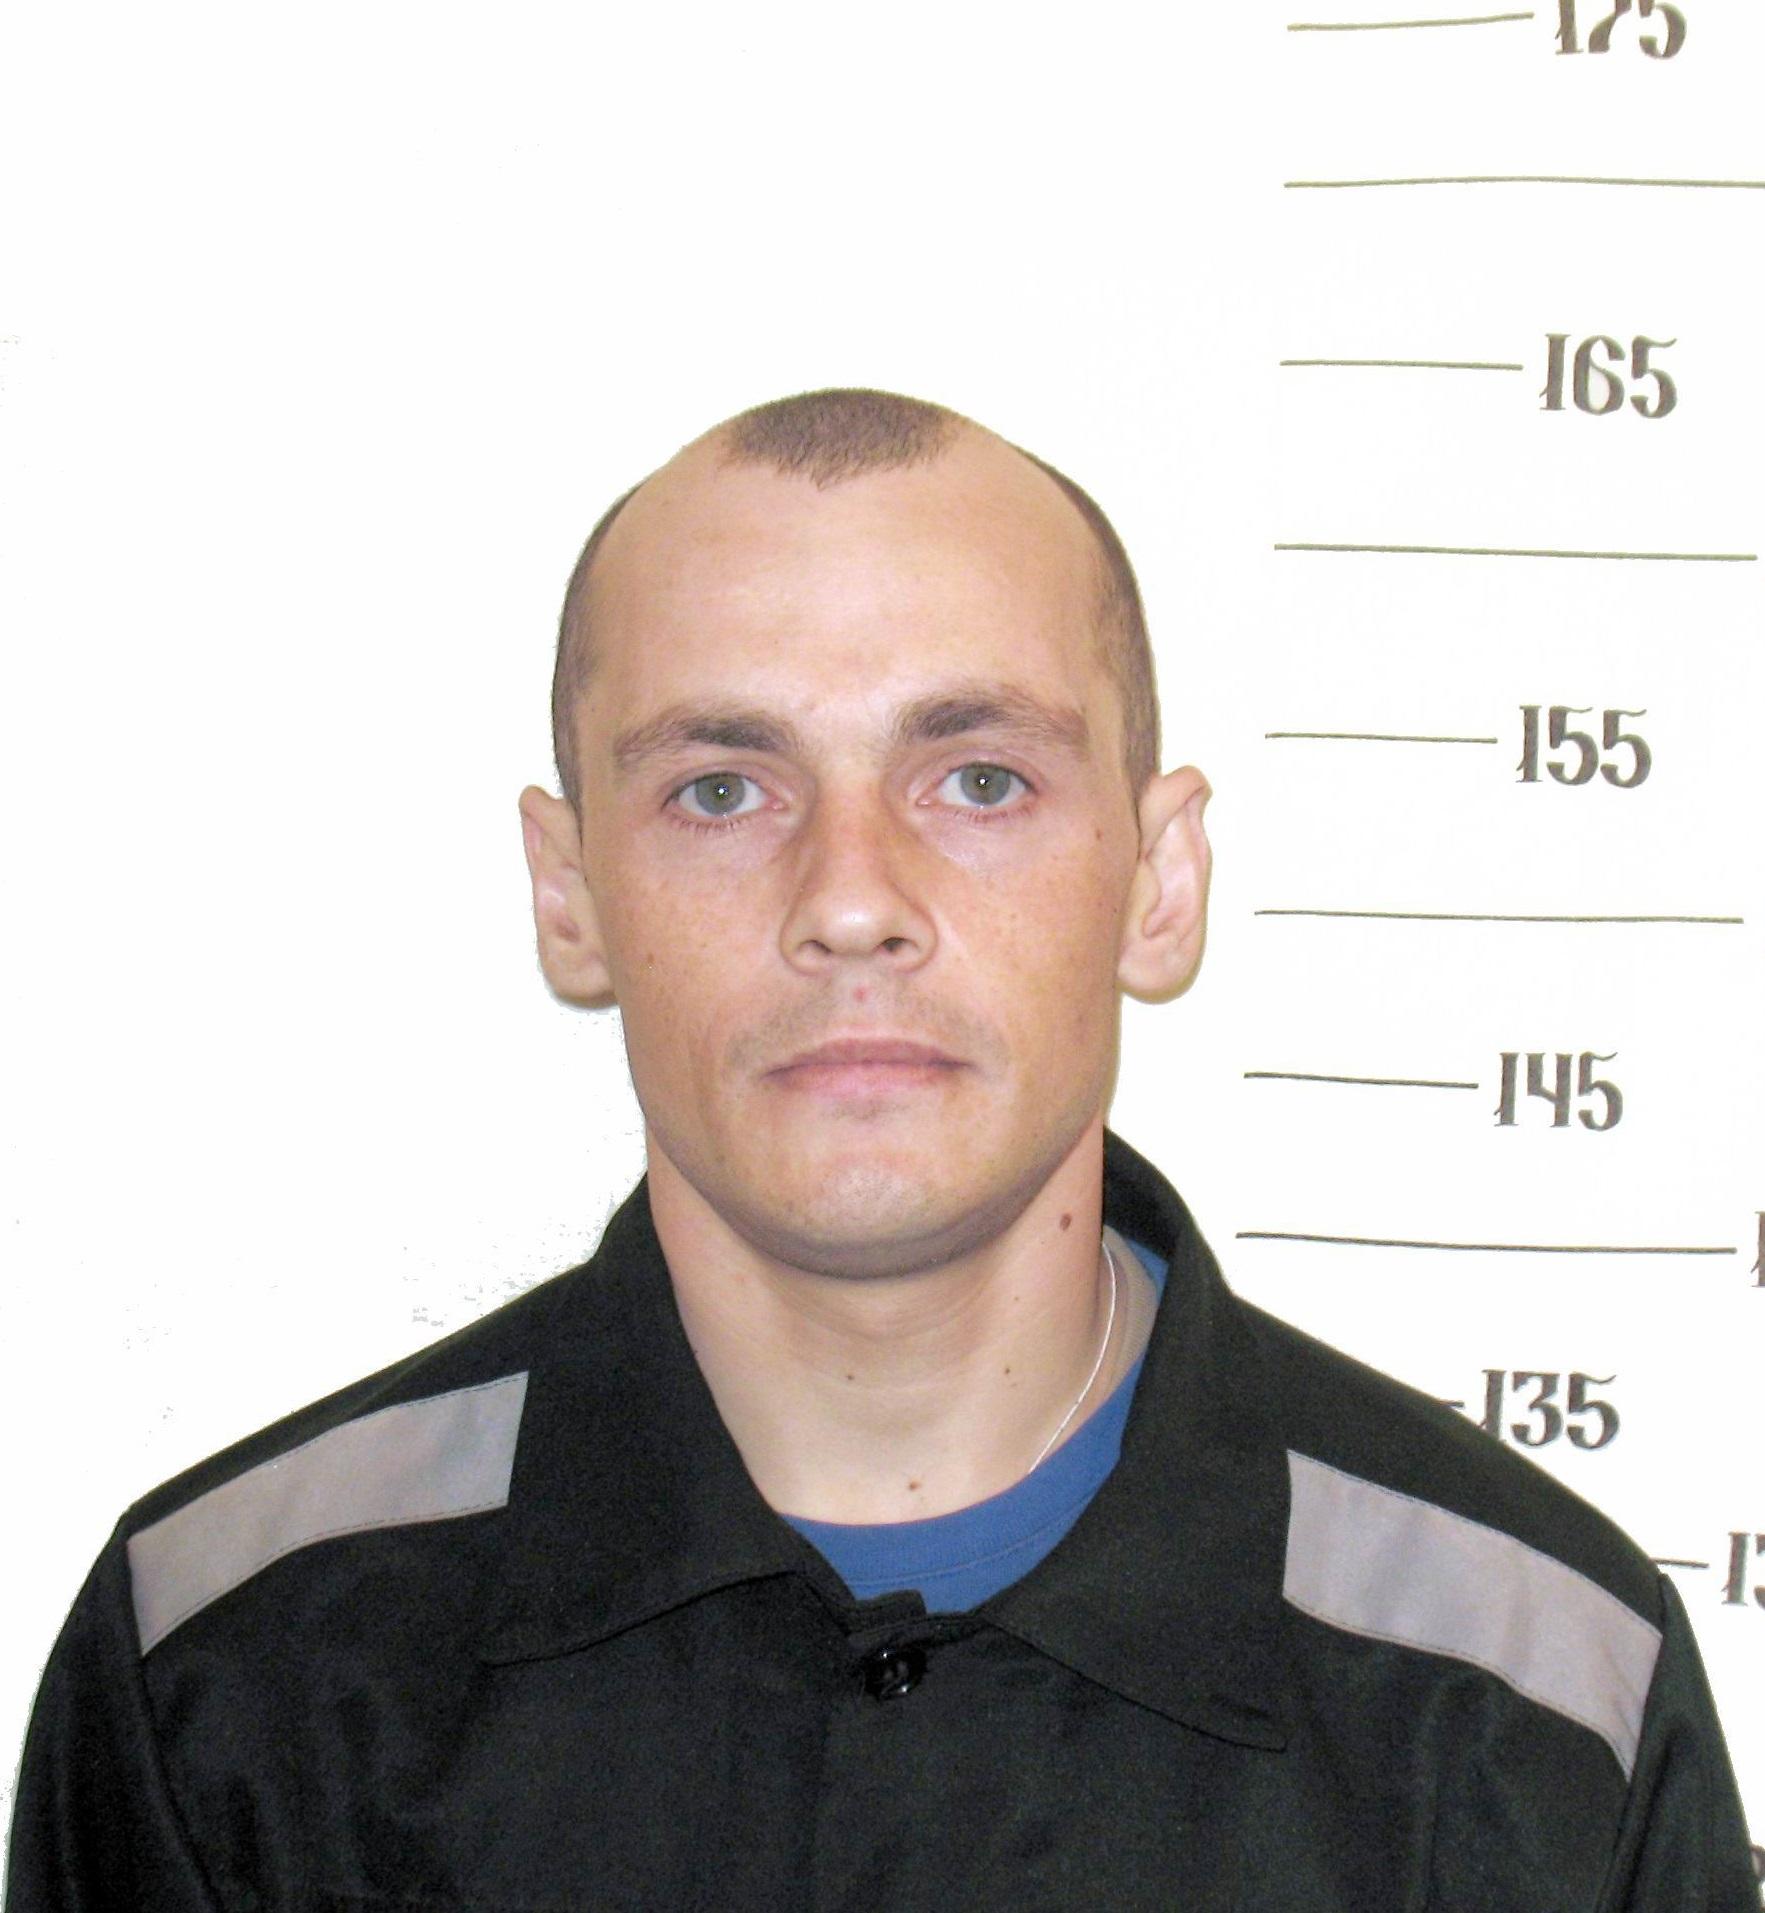 Опасный злоумышленник убежал изколонии под Екатеринбургом